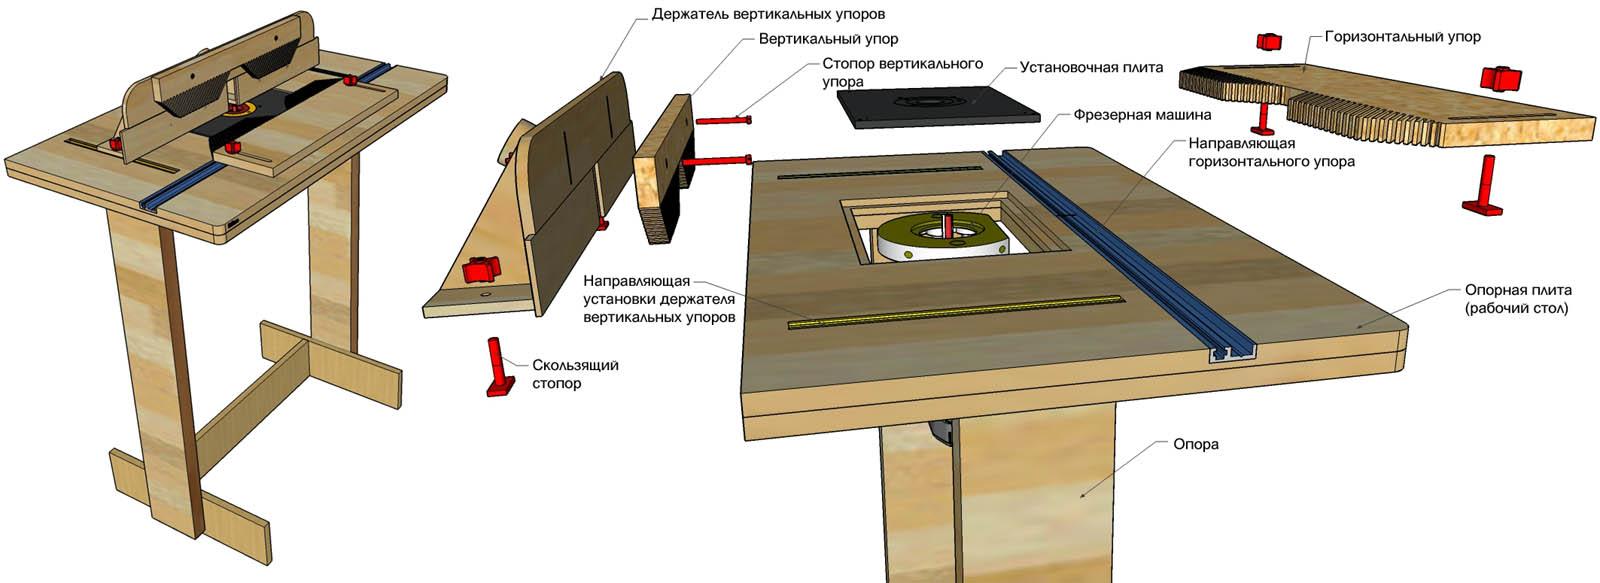 Устройство фрезерного стола по дереву с возможностью обработки широких заготовок